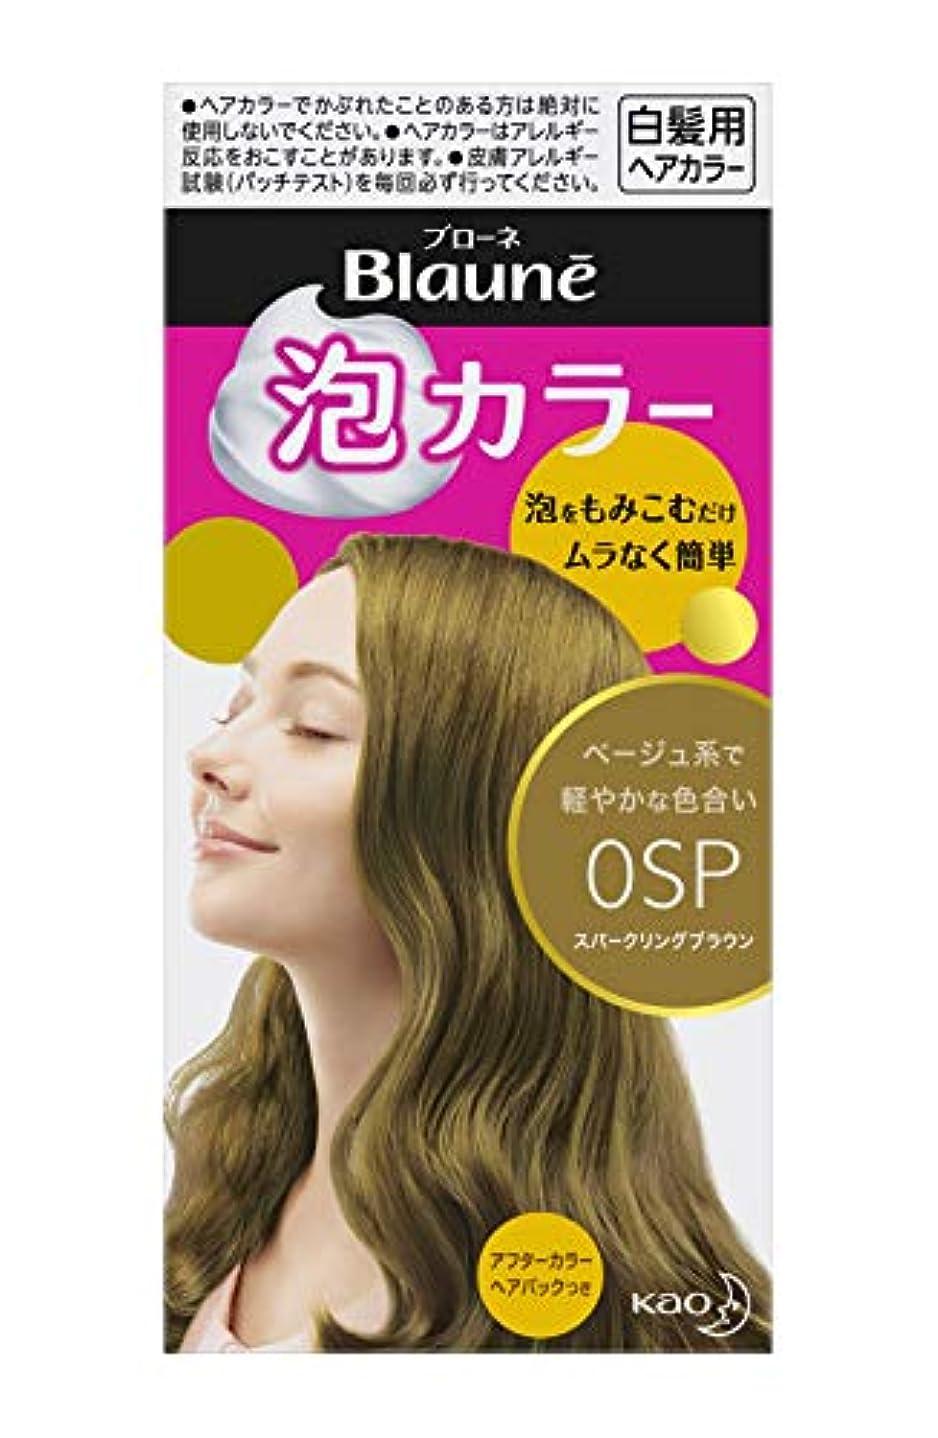 ブローネ 泡カラー 0SP スパークリングブラウン 108ml [医薬部外品]